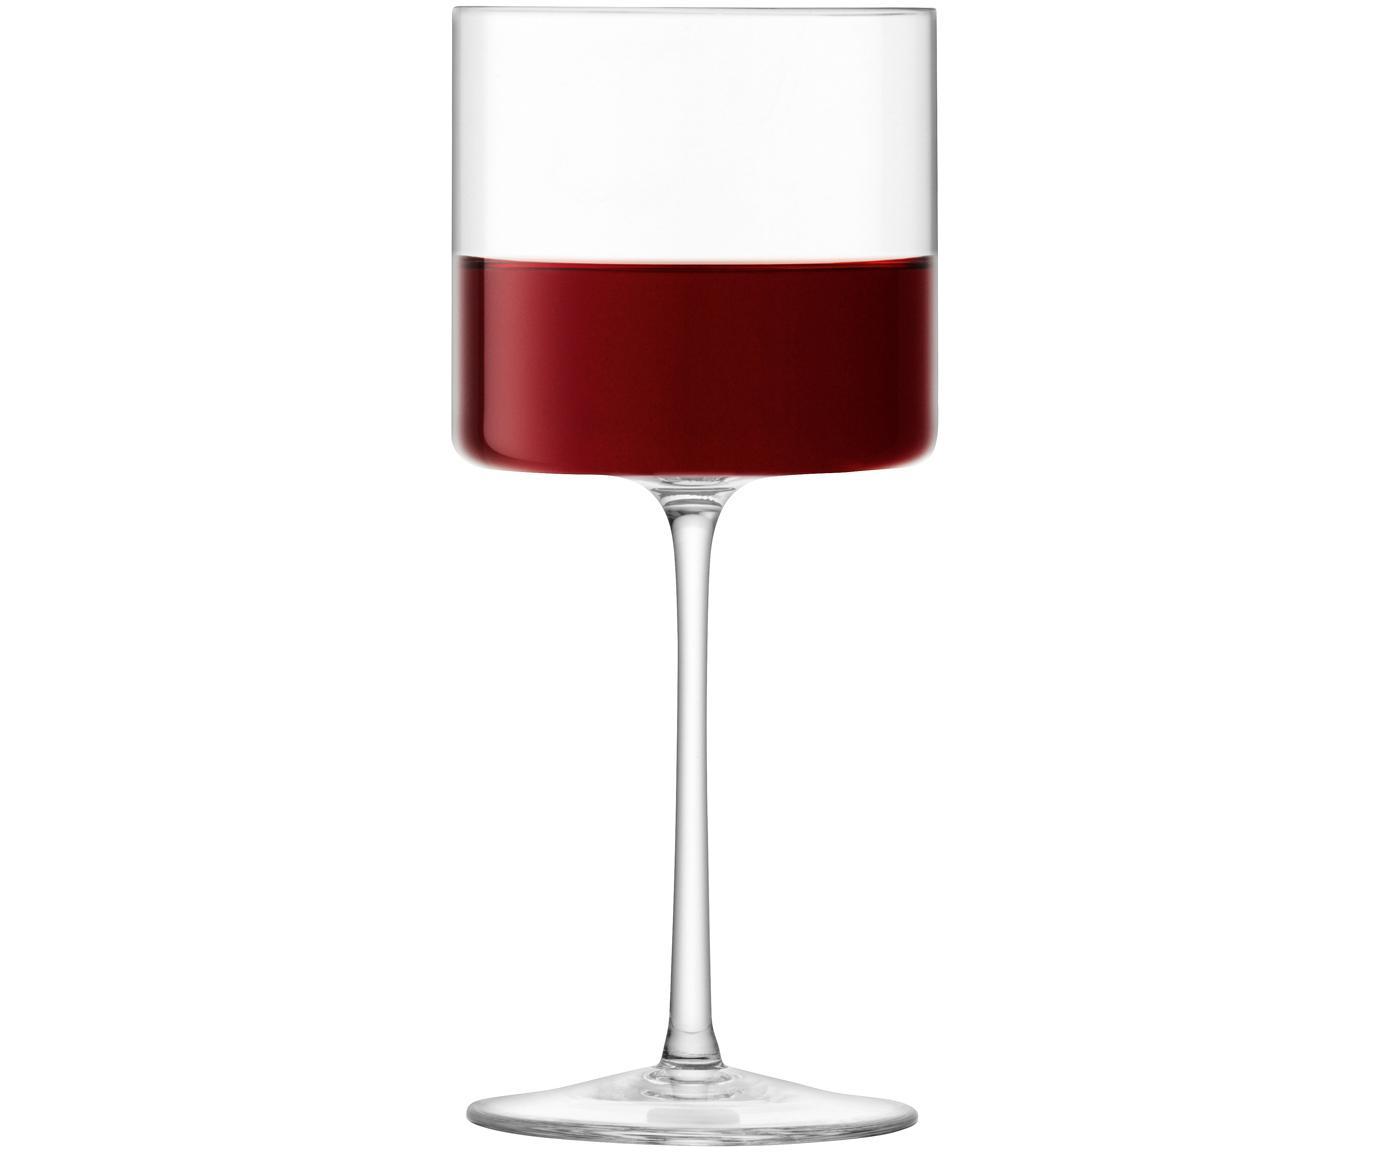 Copas de vino tinto Otis, 4uds., Vidrio, Transparente, Ø 8 x Al 19 cm